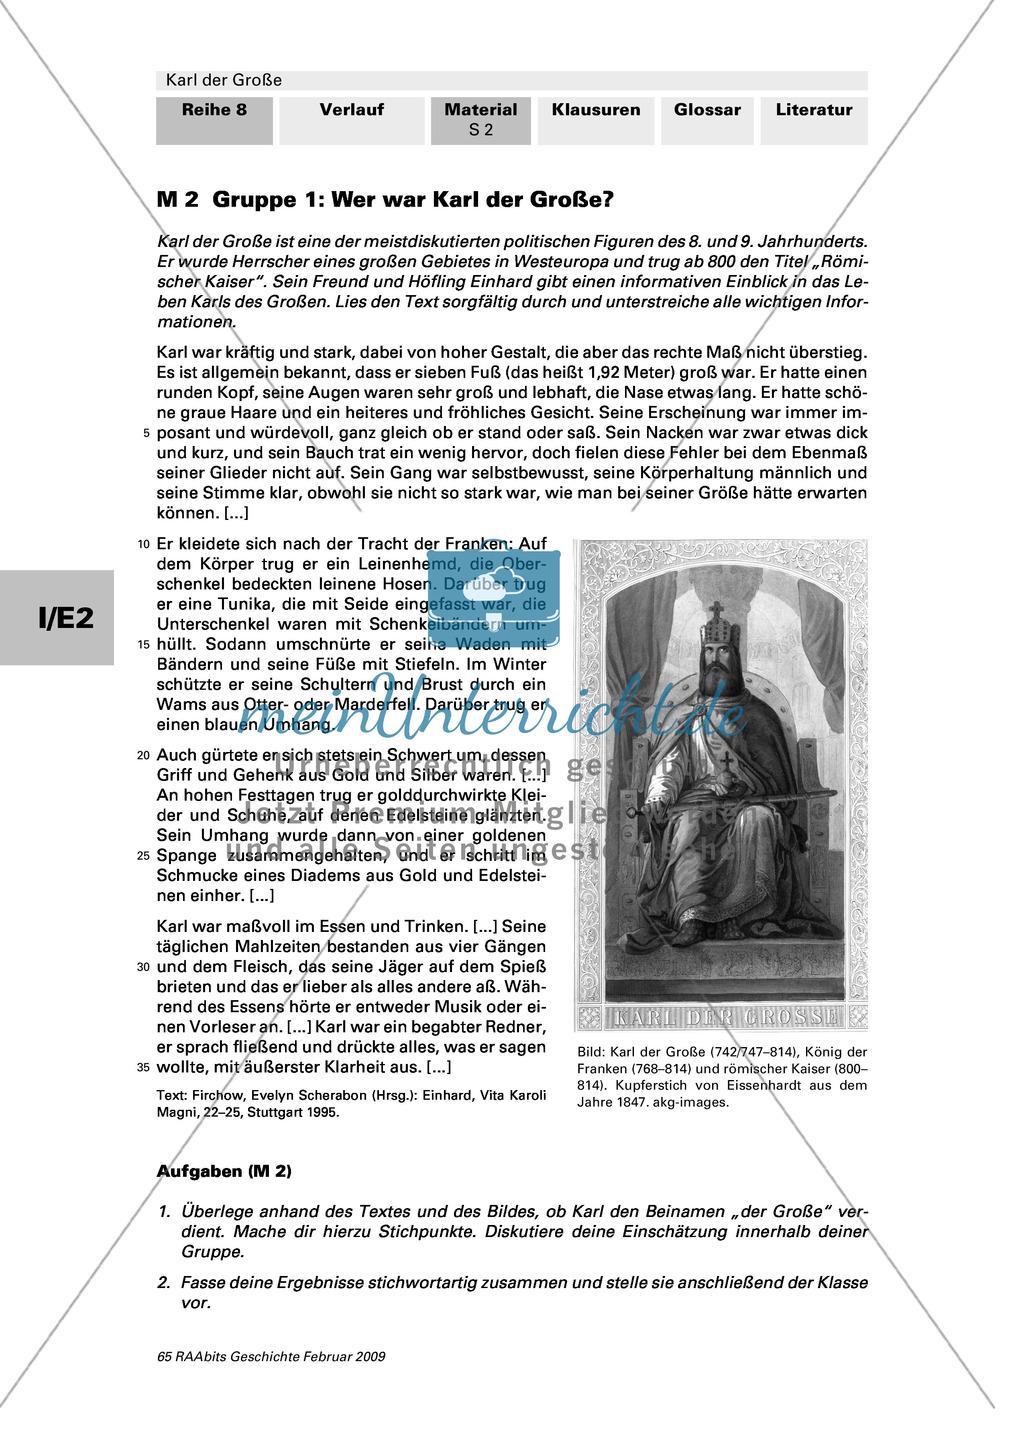 Karl der Große: Ein bedeutender Herrscher? Preview 3